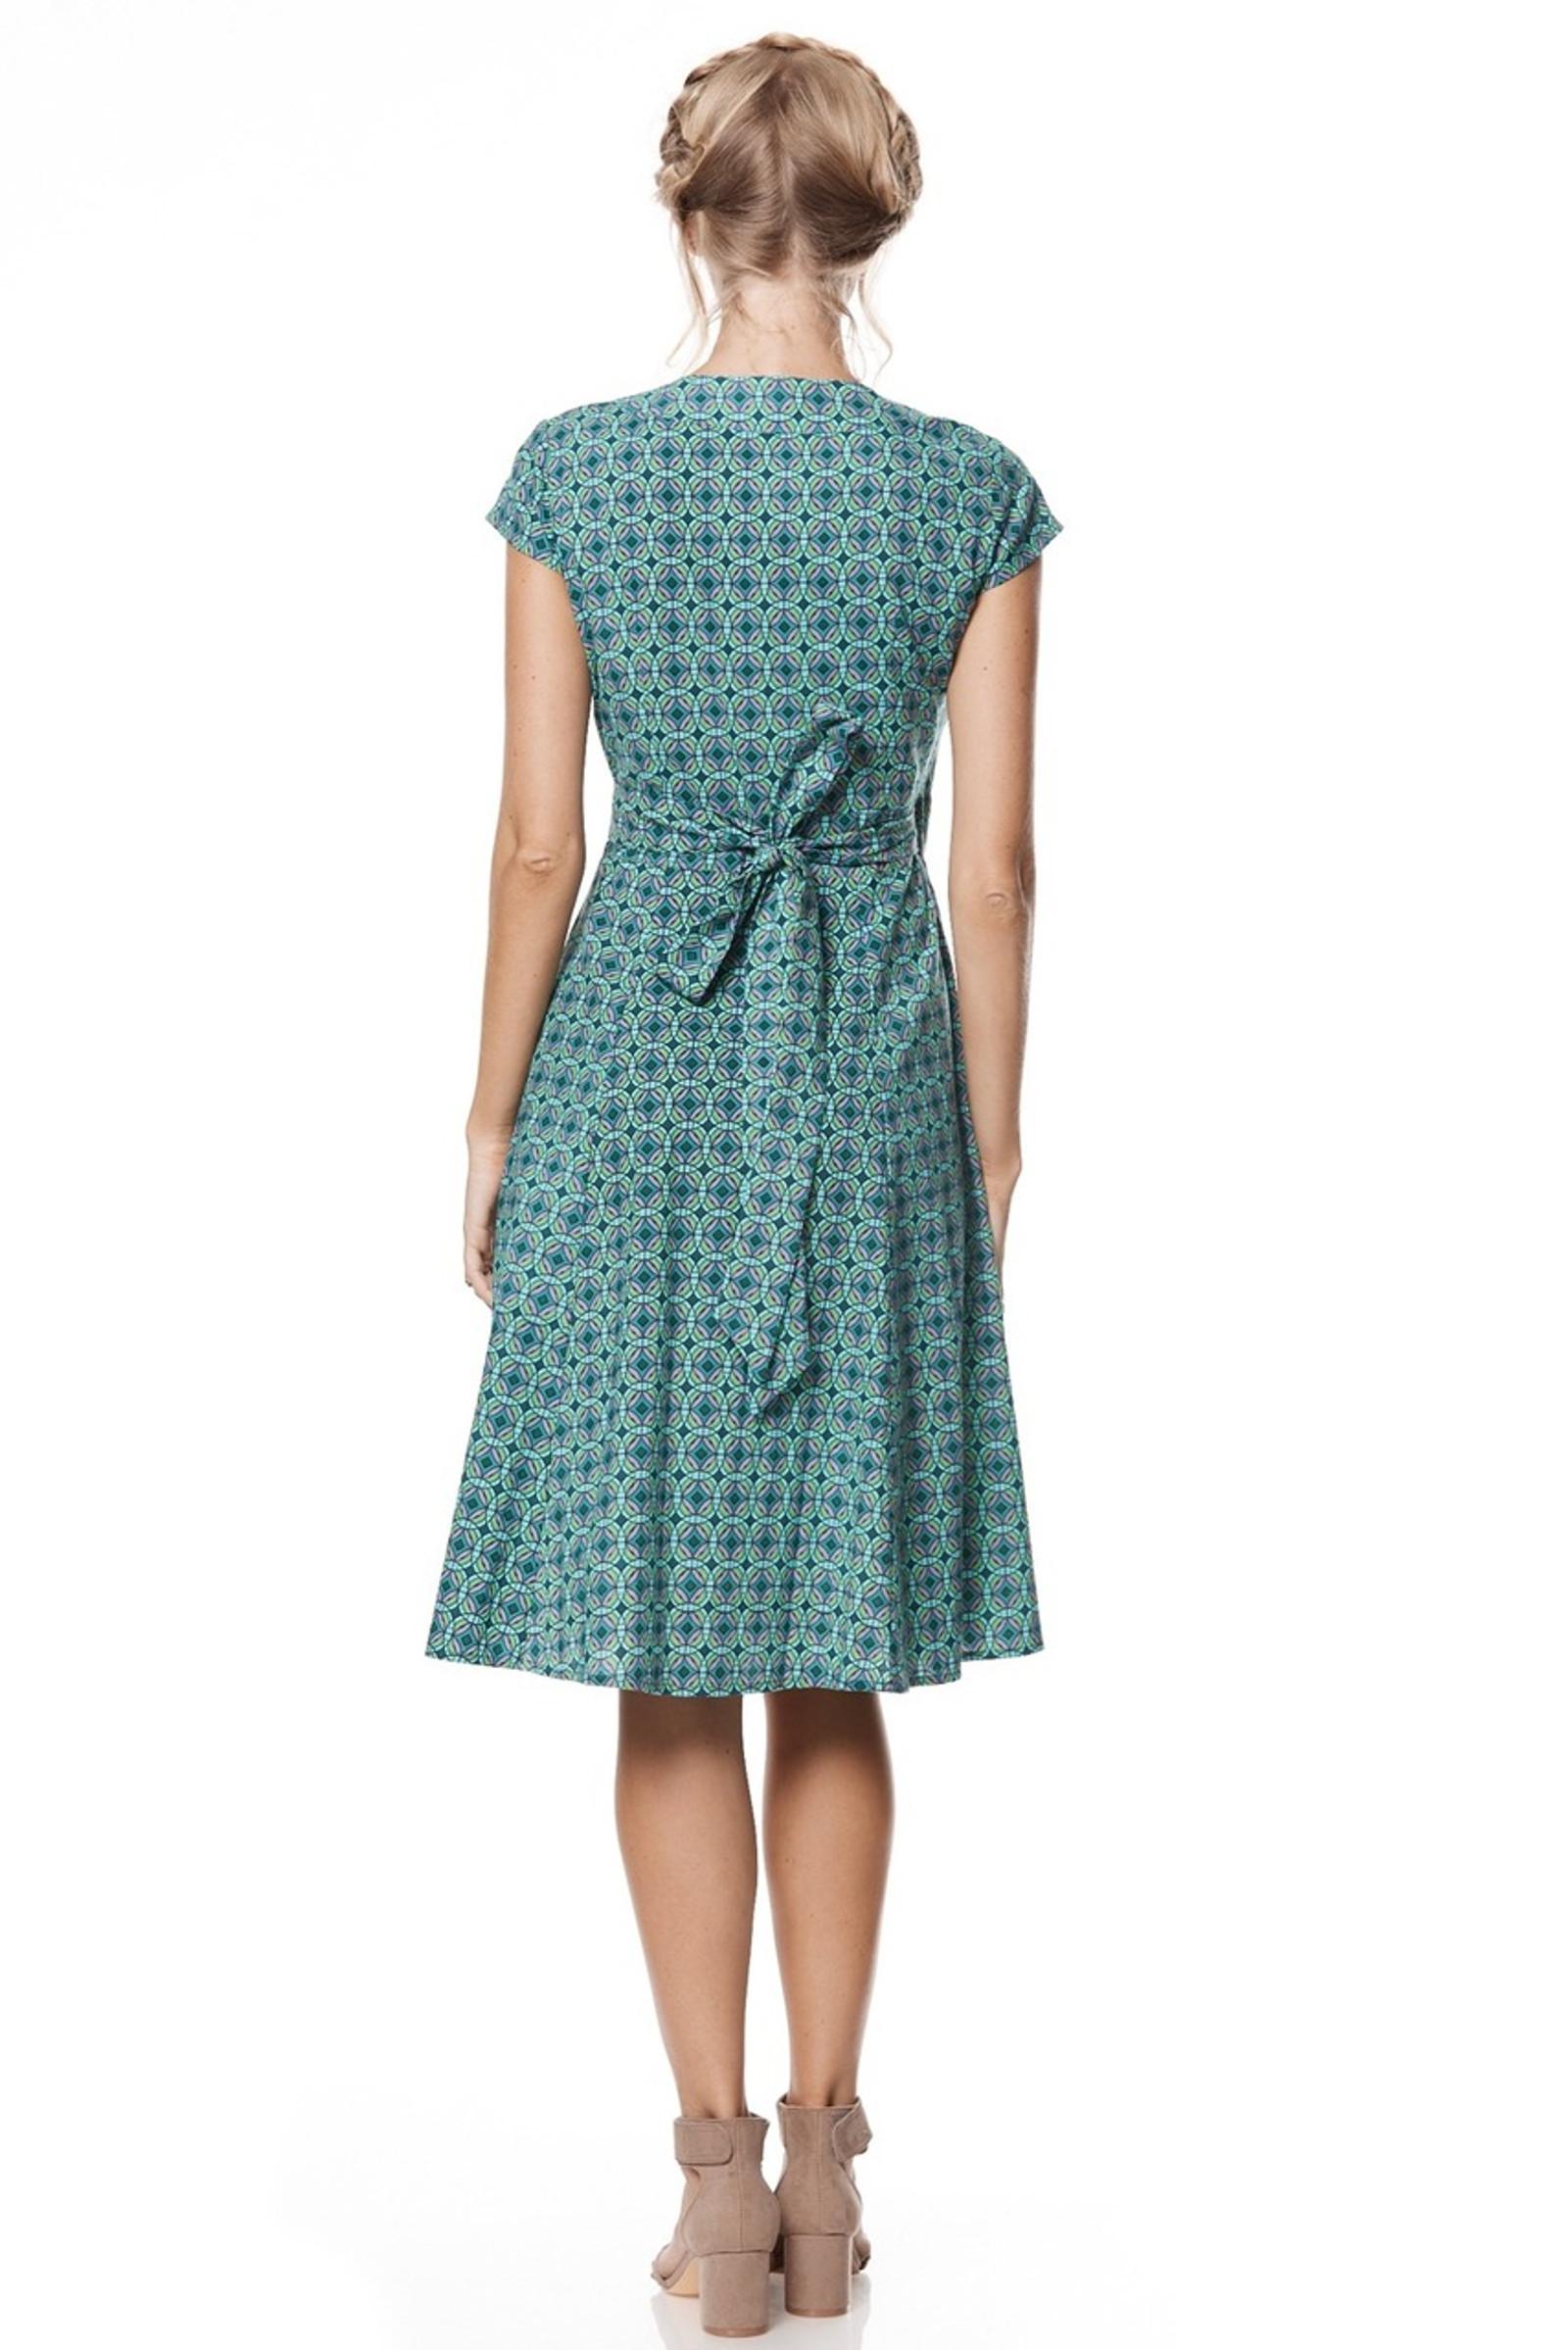 Wrap Dress - Kaleido Teal